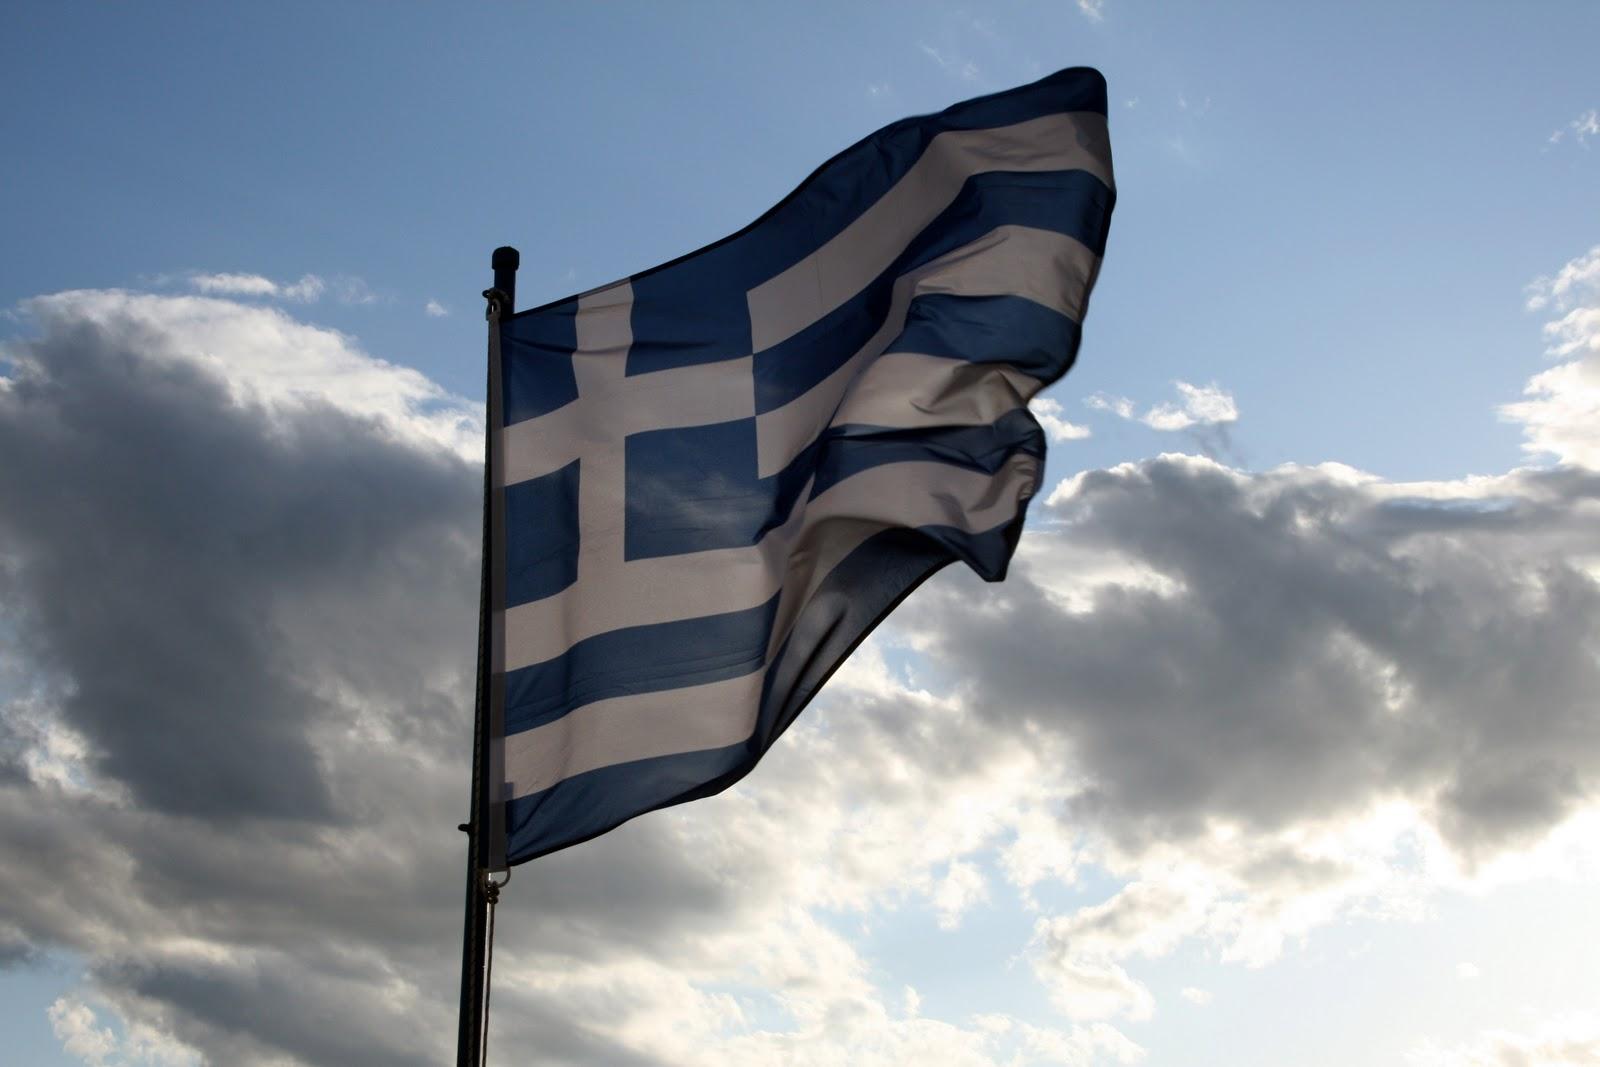 Ἔλα βρὲ ἄτιμε νὰ κατεβάσῃς καὶ τὴν δική μου σημαία!2